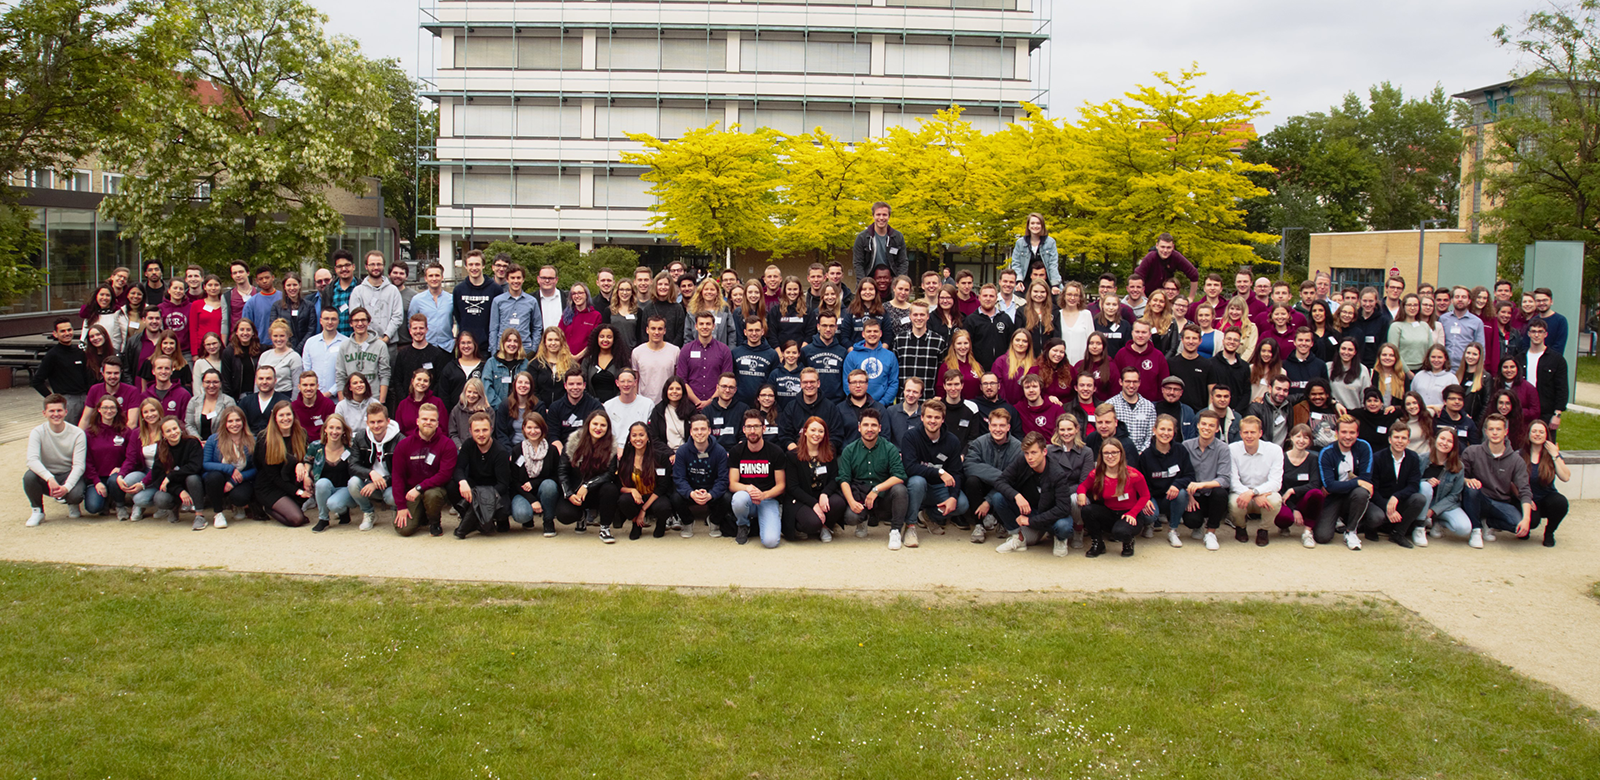 Gruppenfoto Bundesfachschaftentagung Hannover 2019